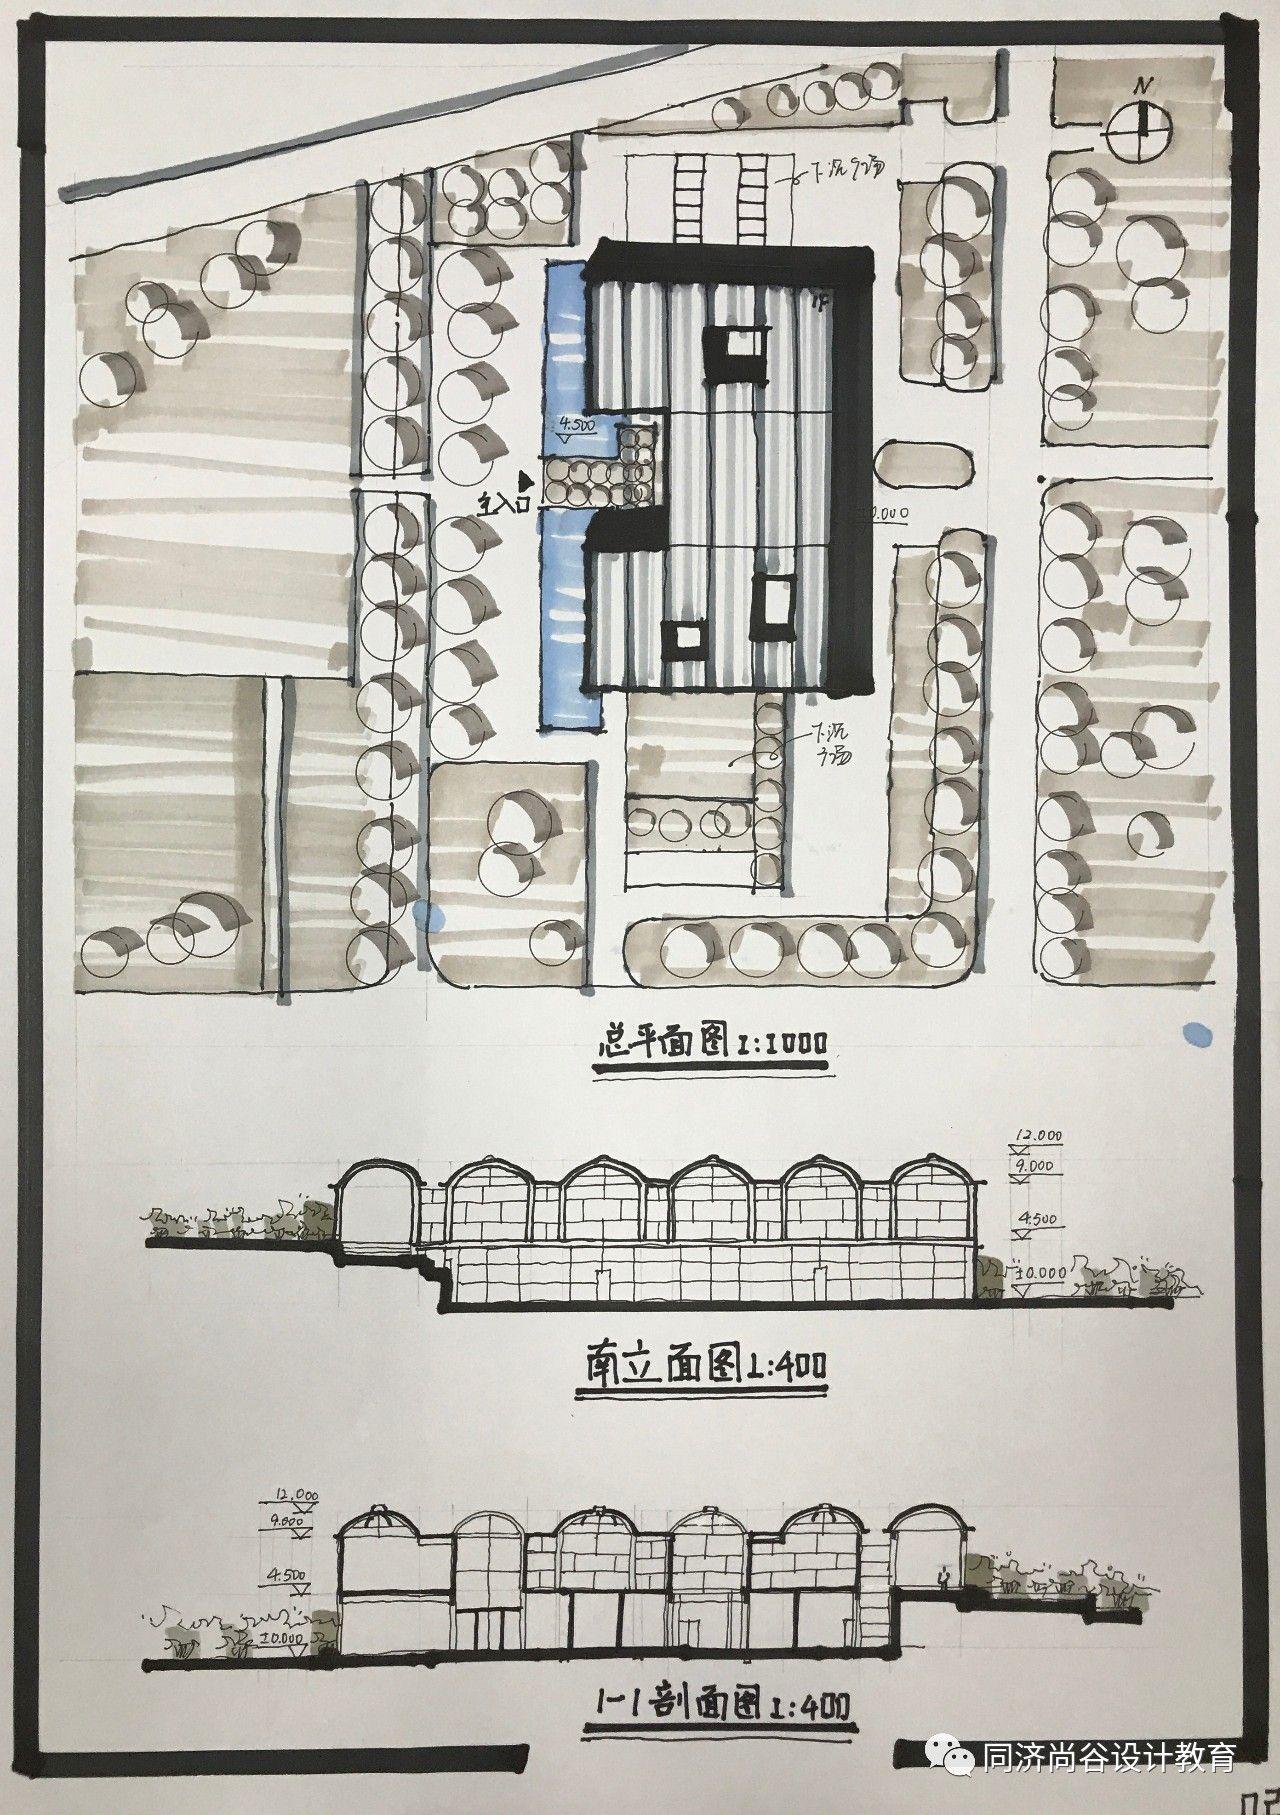 泰姬陵平面图抄绘